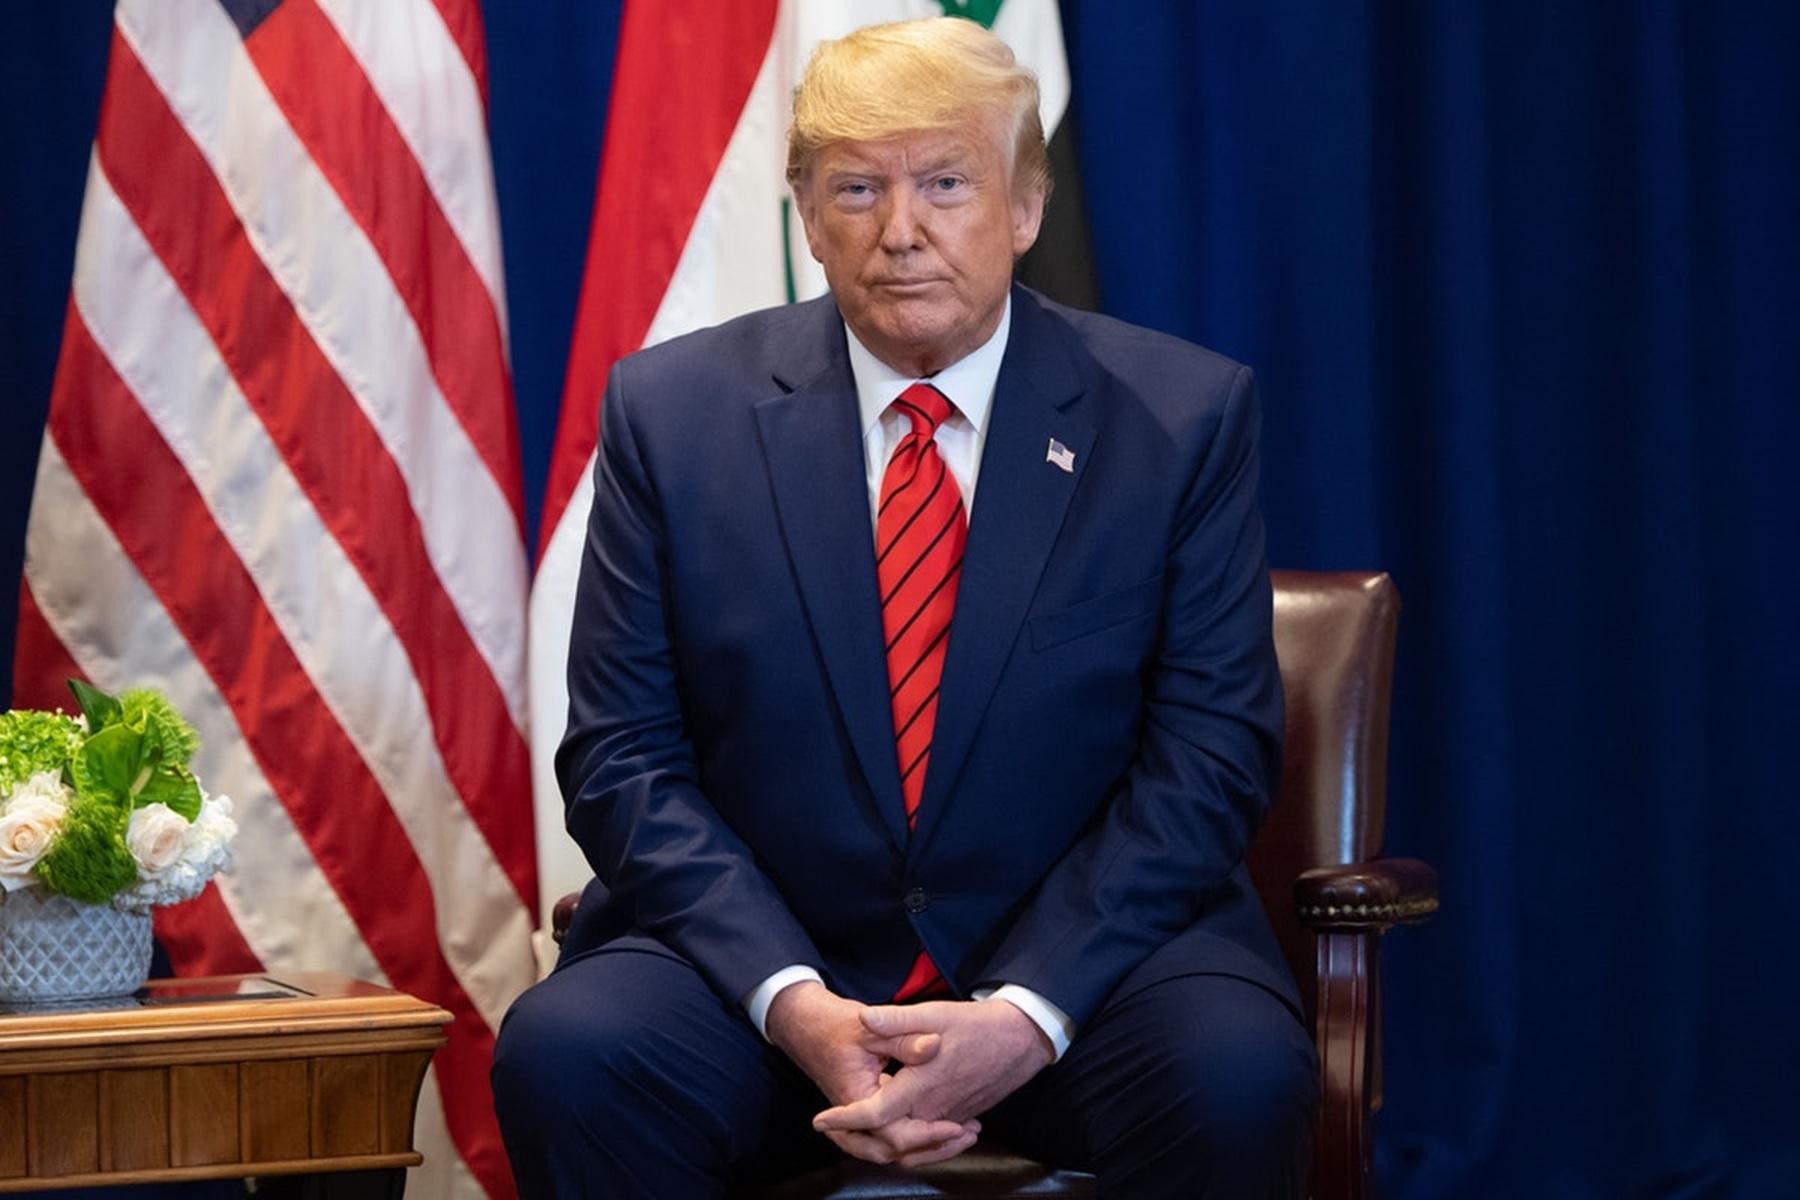 Donald Trump Mexico President Andres Manuel Lopez Obrador El Chapo Son